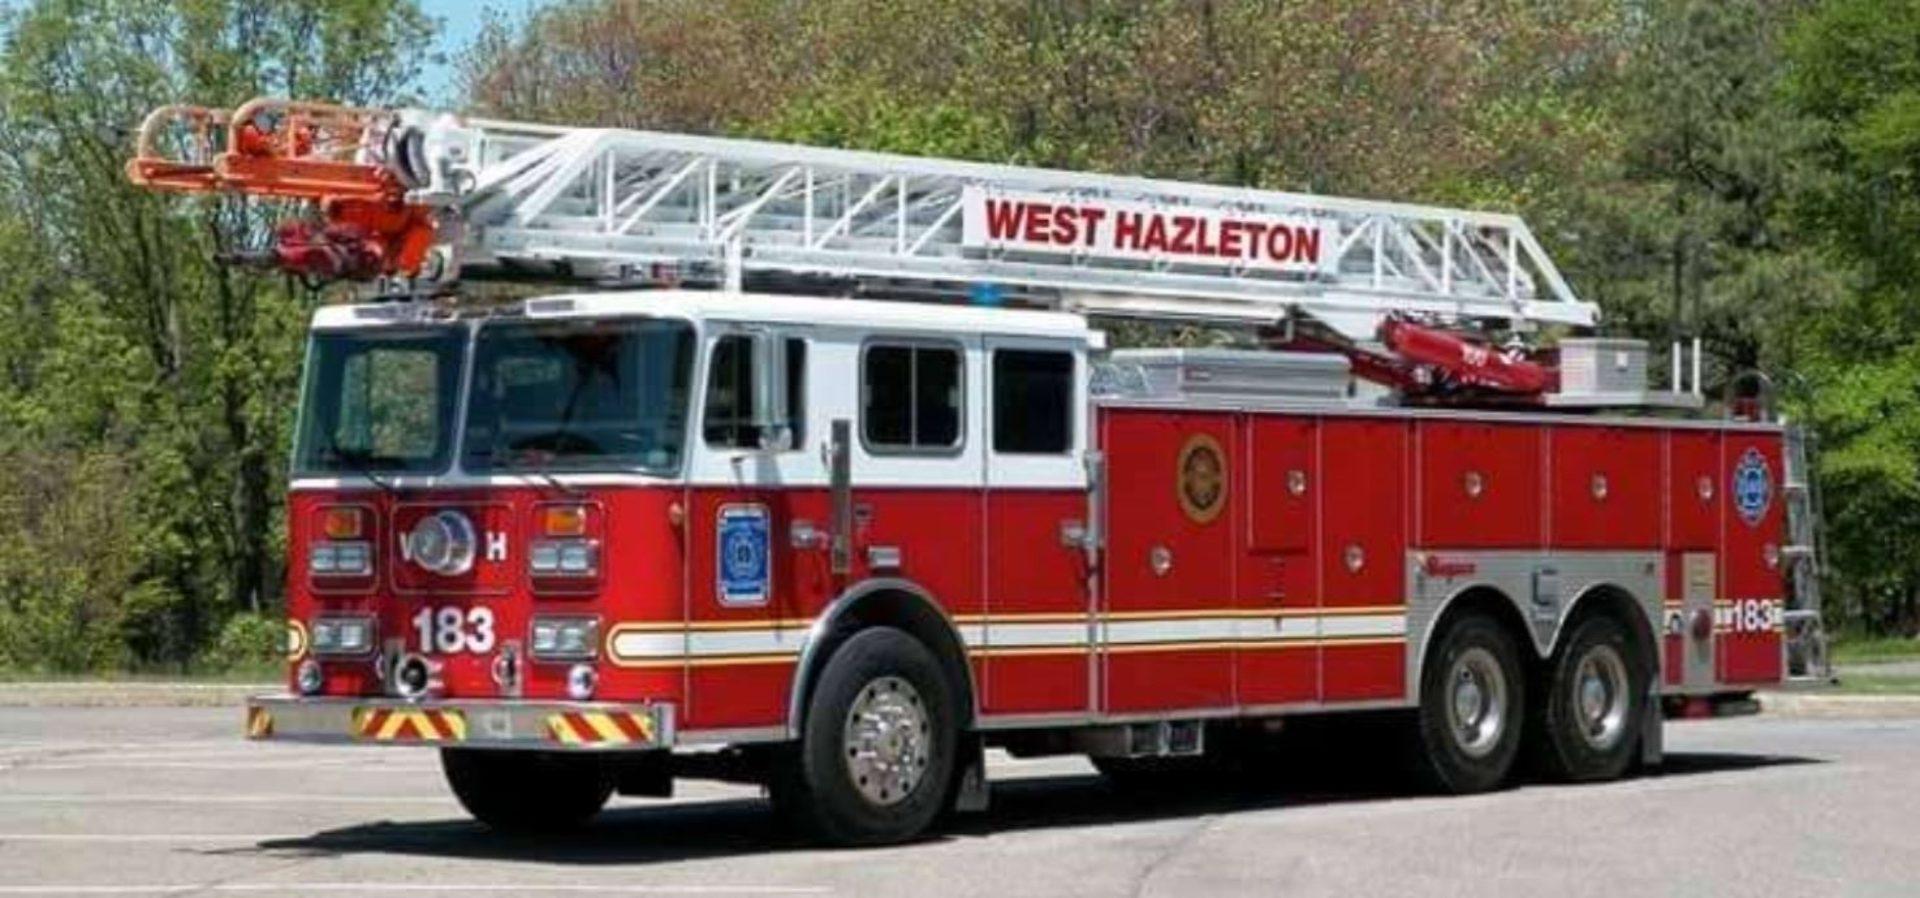 West Hazleton Fire Department